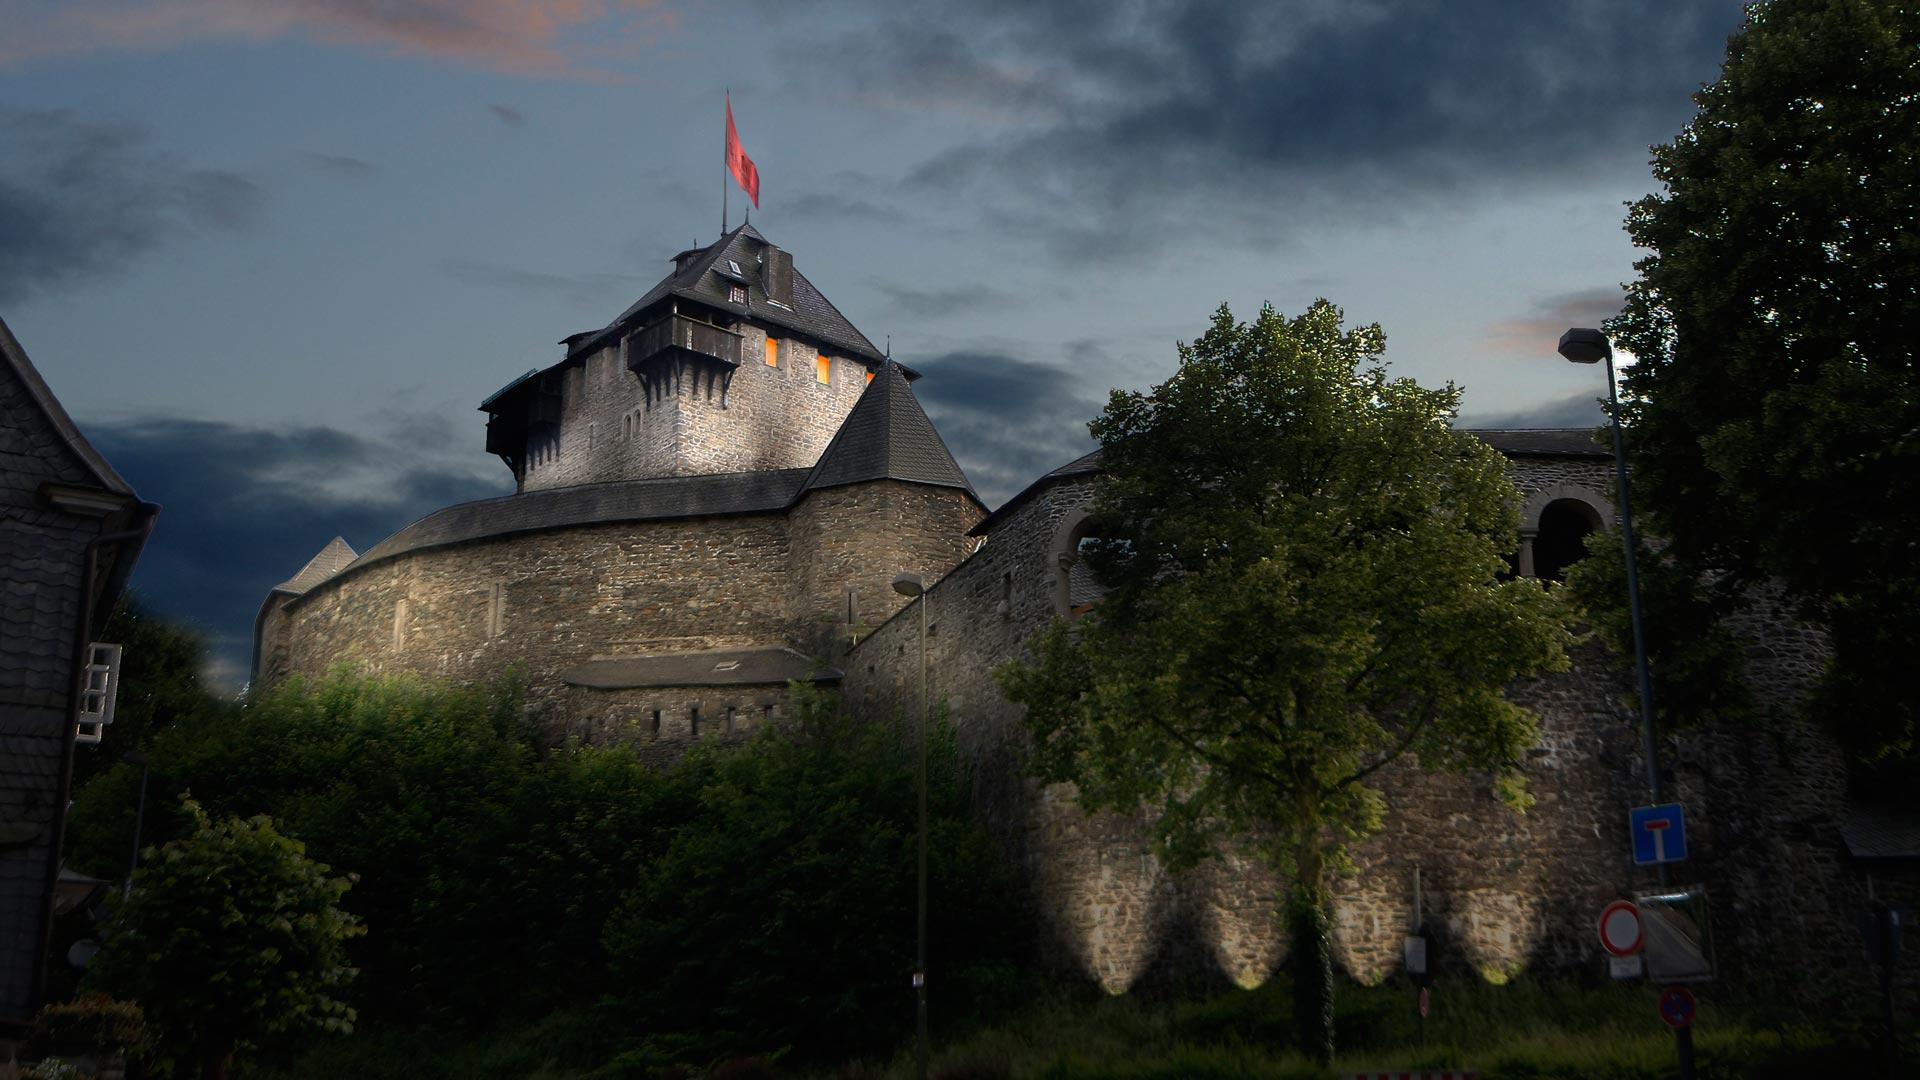 MAASS-Lichtplanung_Wettbewerbsbeitrag Lichtinszenierung Schloss Burg__MAASS-Licht-SchlossBurg-07